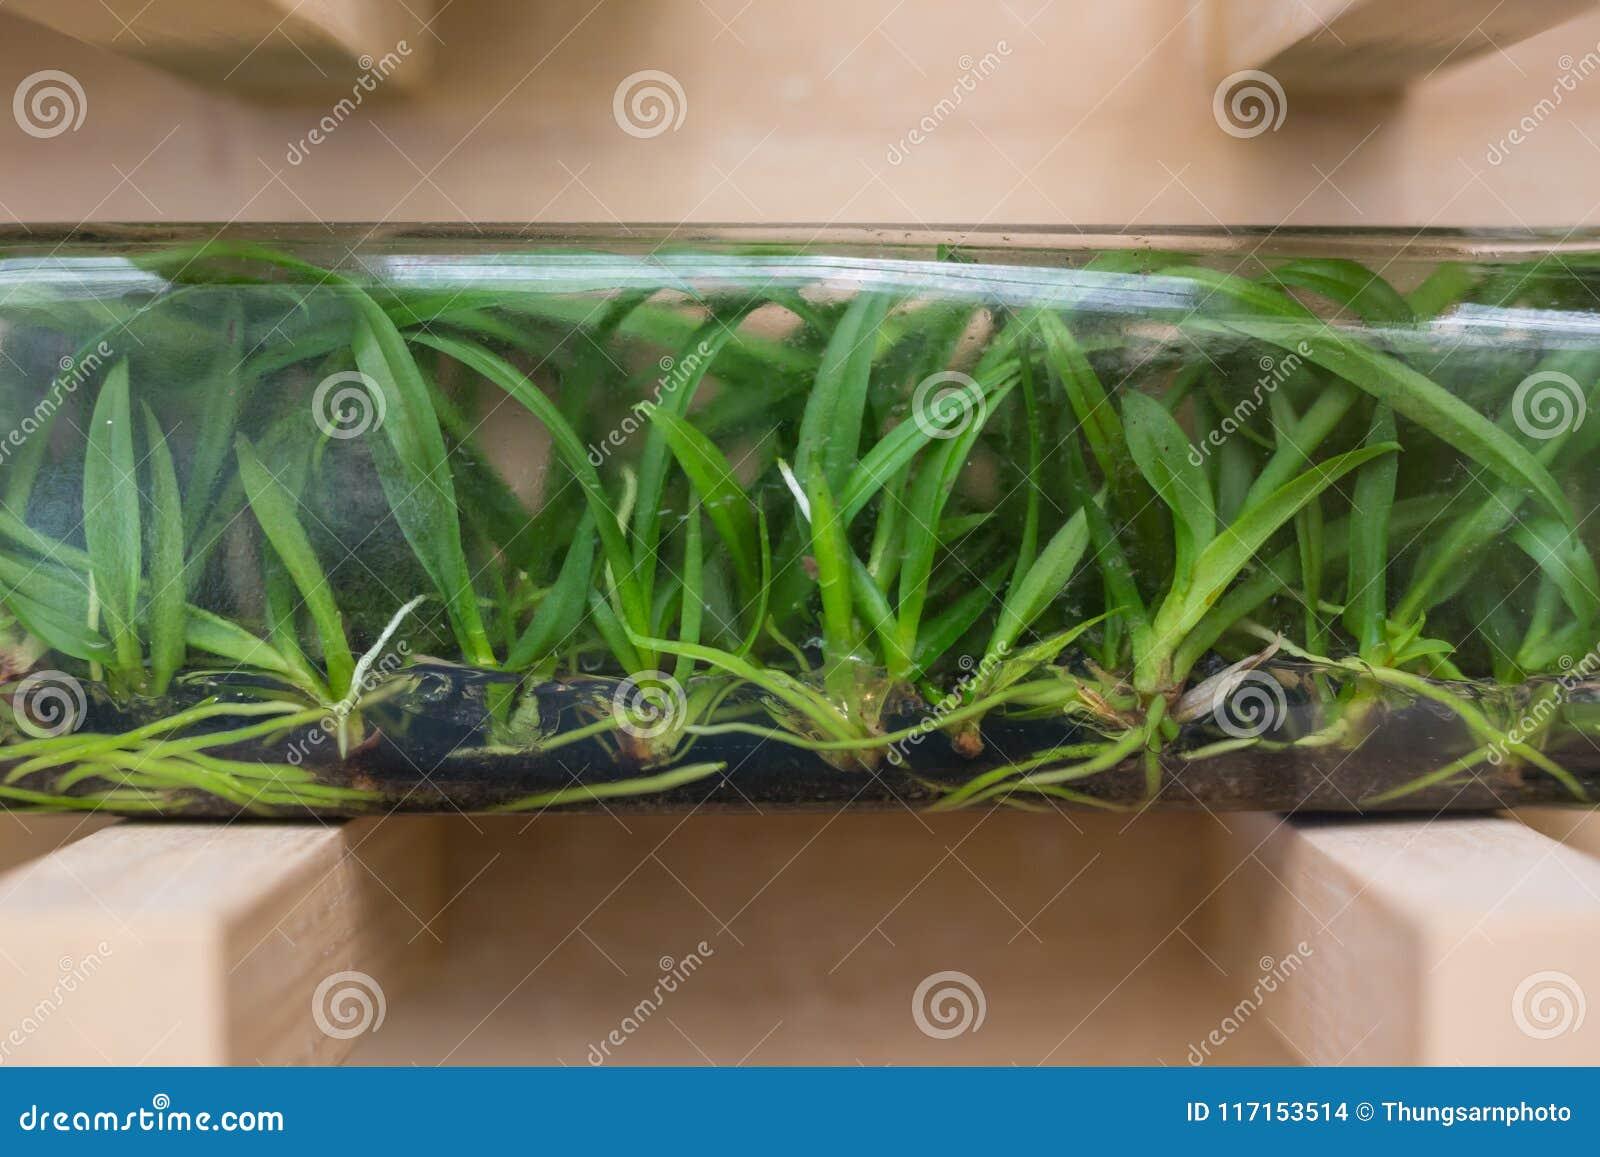 Orkidé som påbörjas från silkespapperkultur